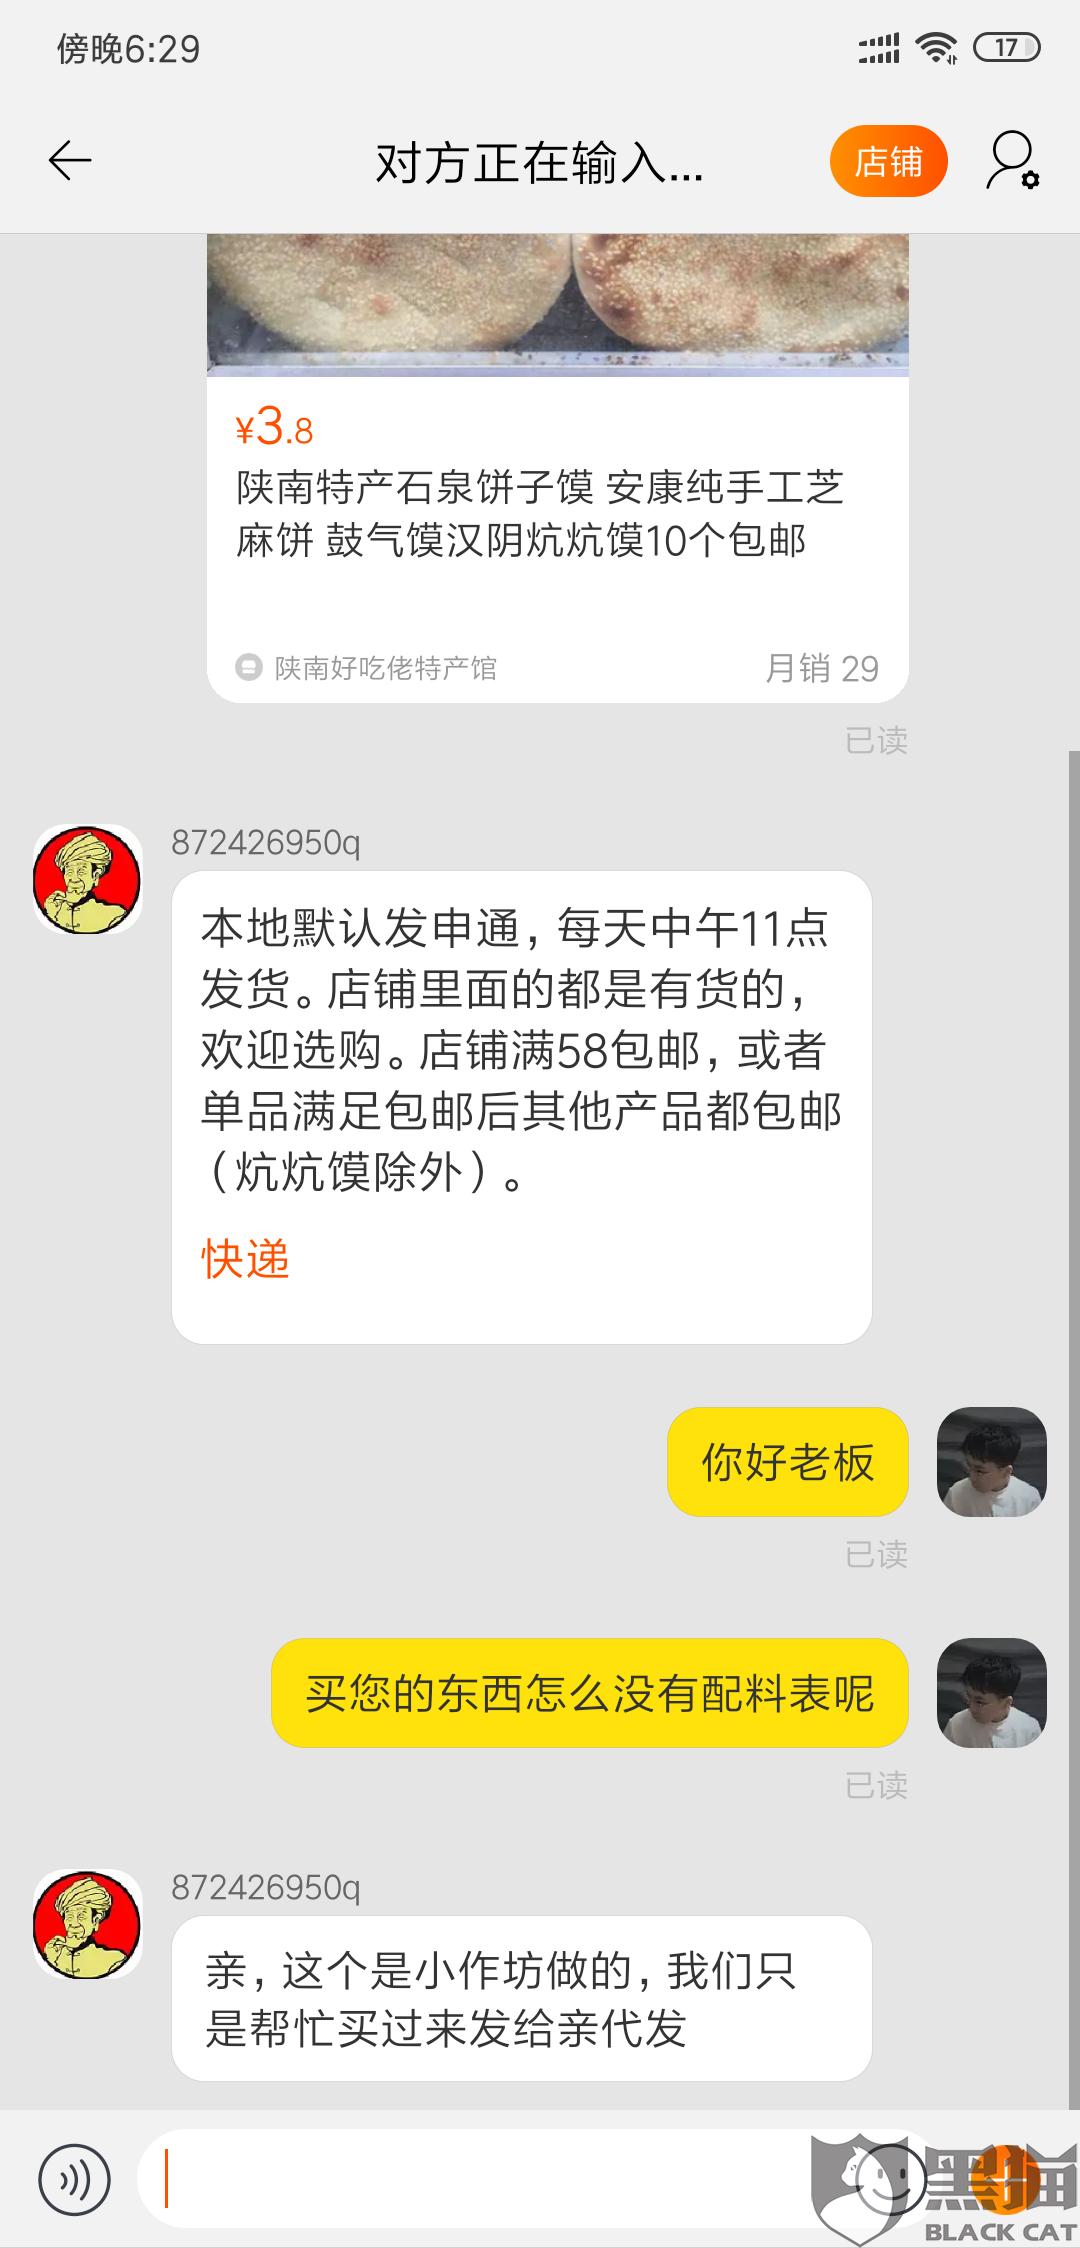 黑貓投訴:陜南特產石泉餅子饃 安康純手工芝麻中國石油加油站電話